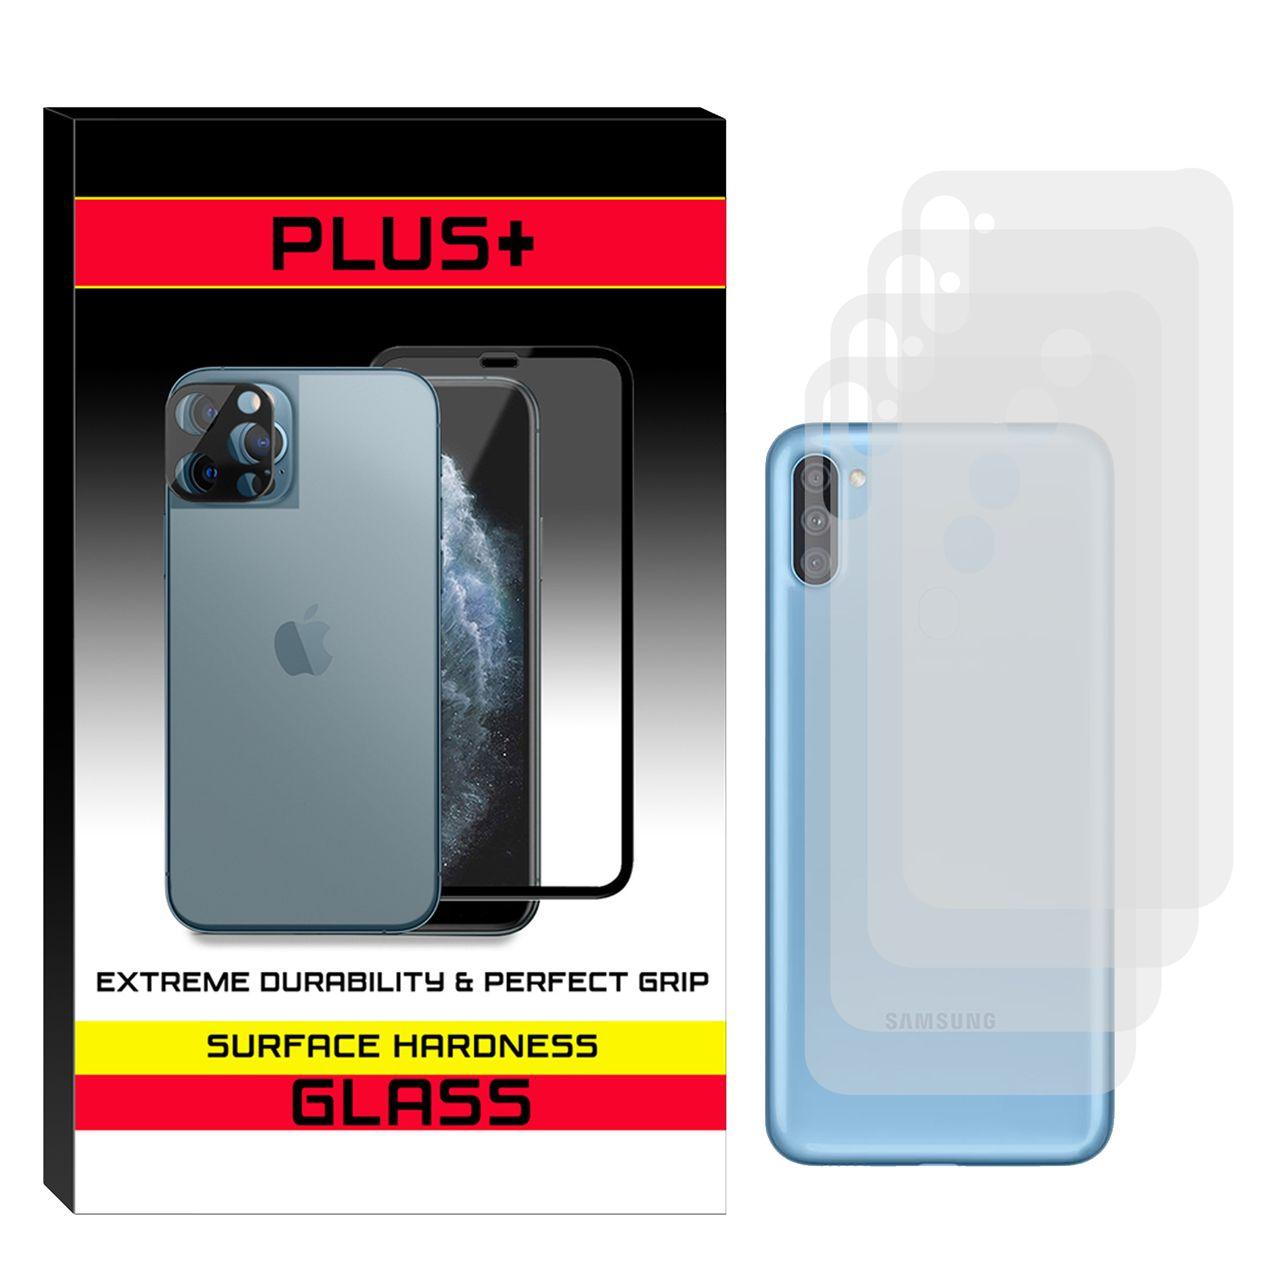 محافظ پشت گوشی پلاس مدل PTI-04 مناسب برای گوشی موبایل سامسونگ GALAXY A11 بسته چهار عددی